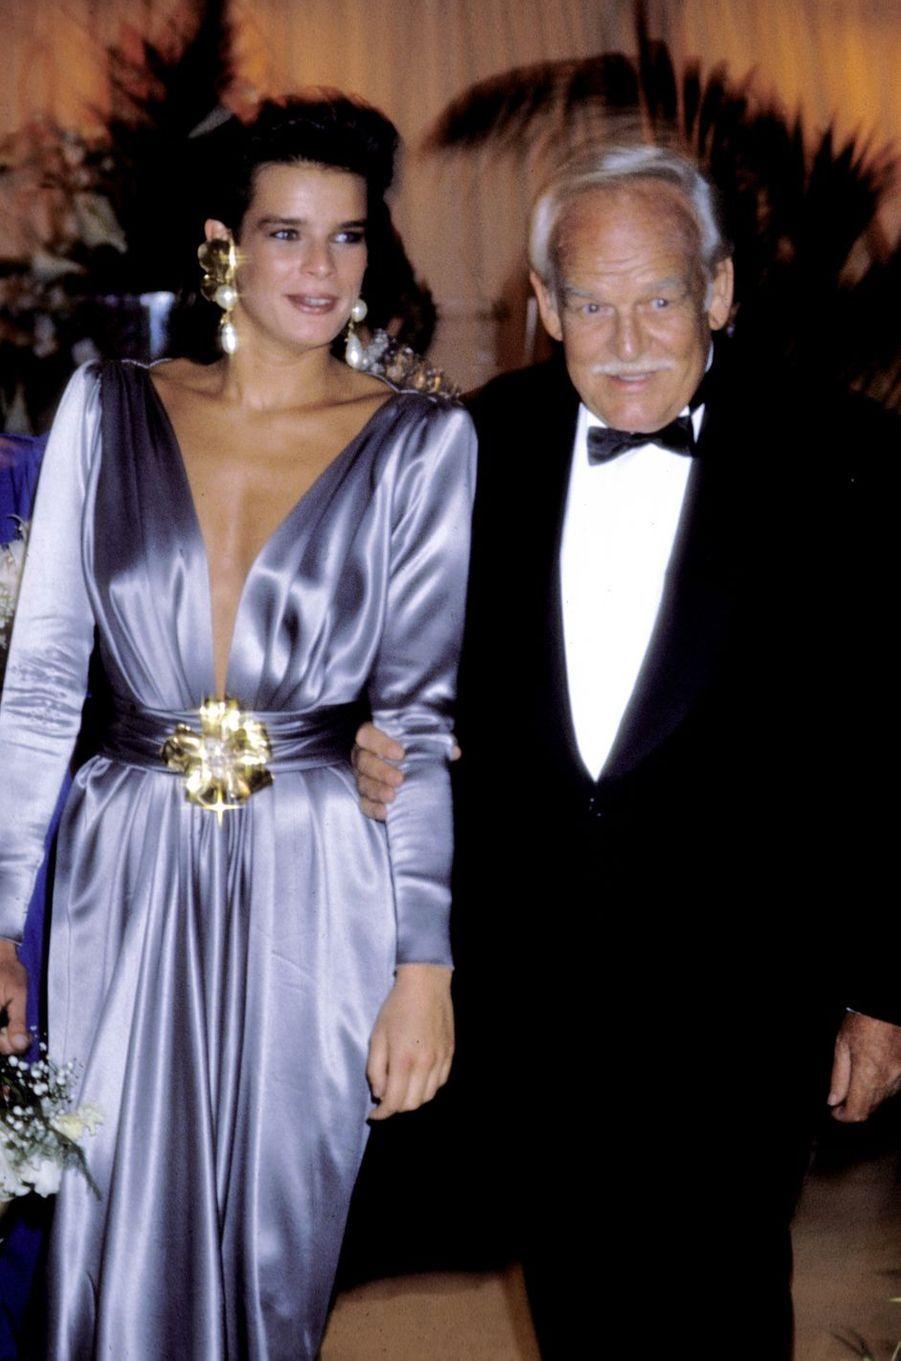 La princesse Stéphanie de Monaco au bal de la Croix-Rouge en août 1988